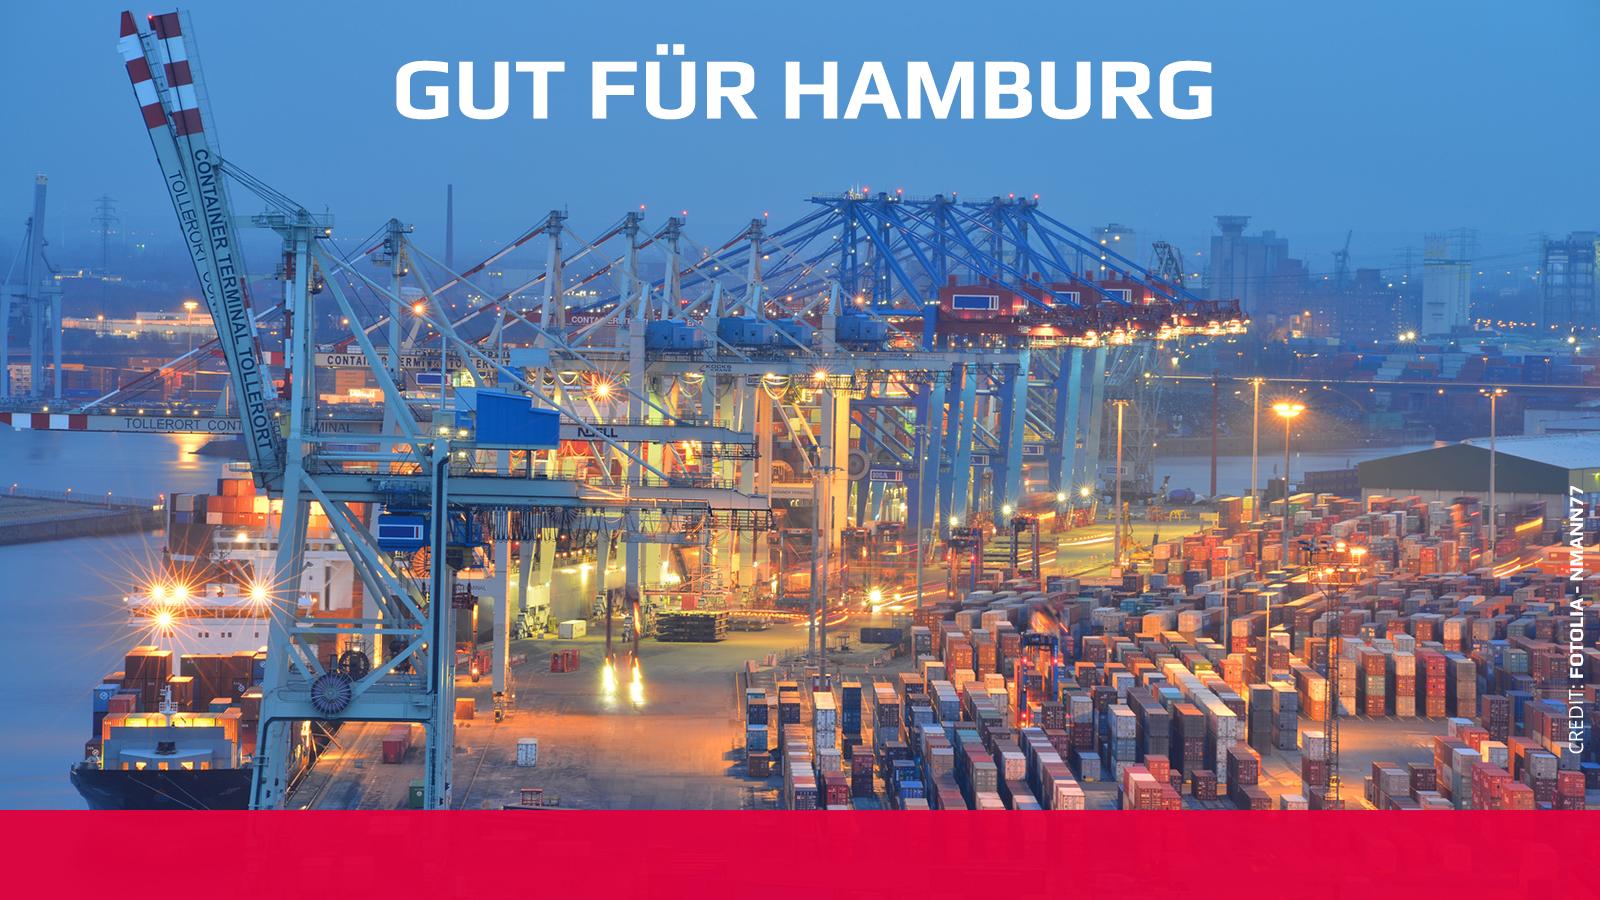 Gut für Hamburg